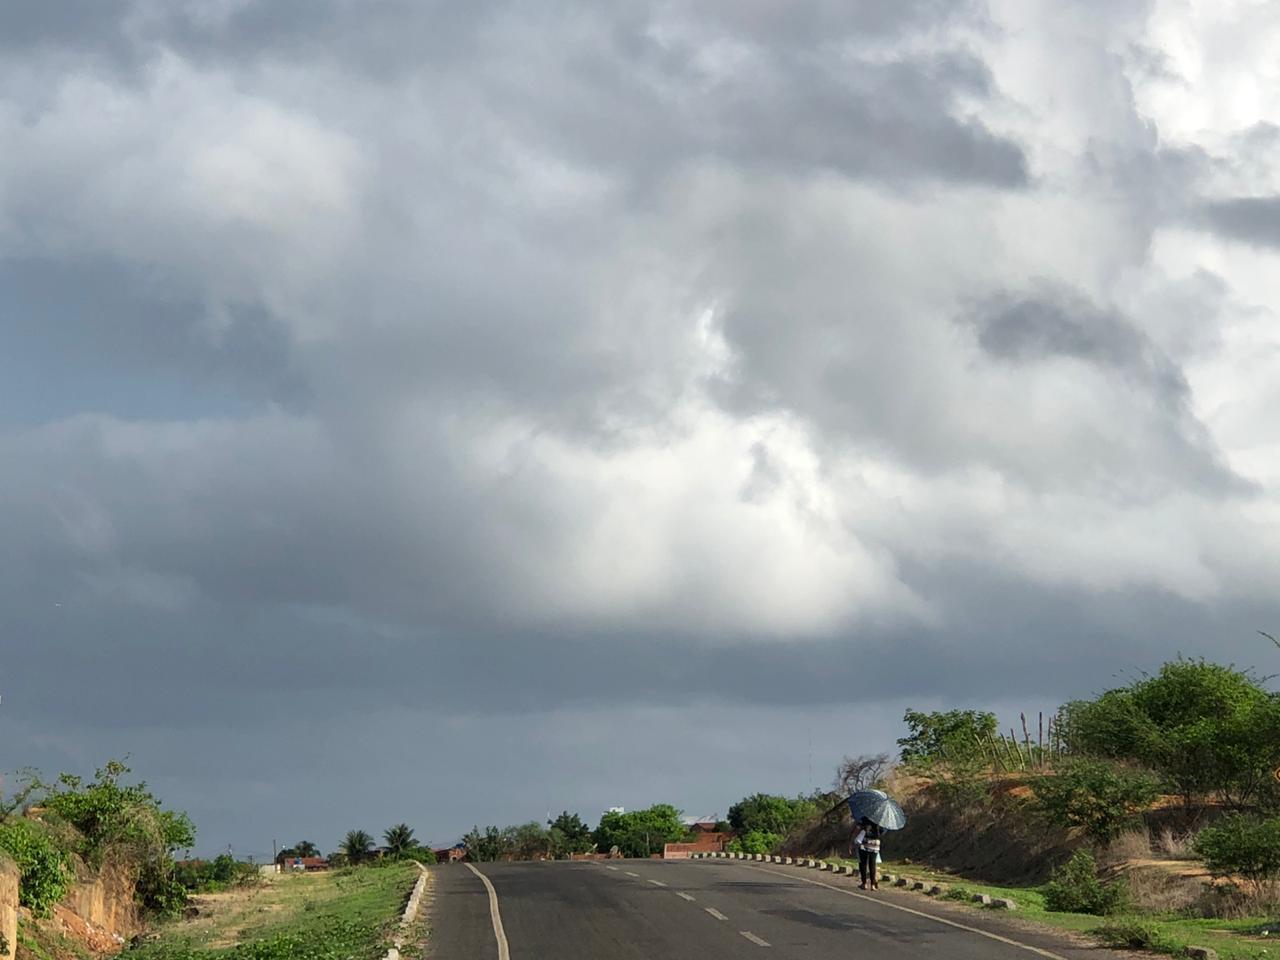 Acumulados tendem a reduzir, mas ainda há cenário para precipitações (FOTO: Marciel Bezerra)